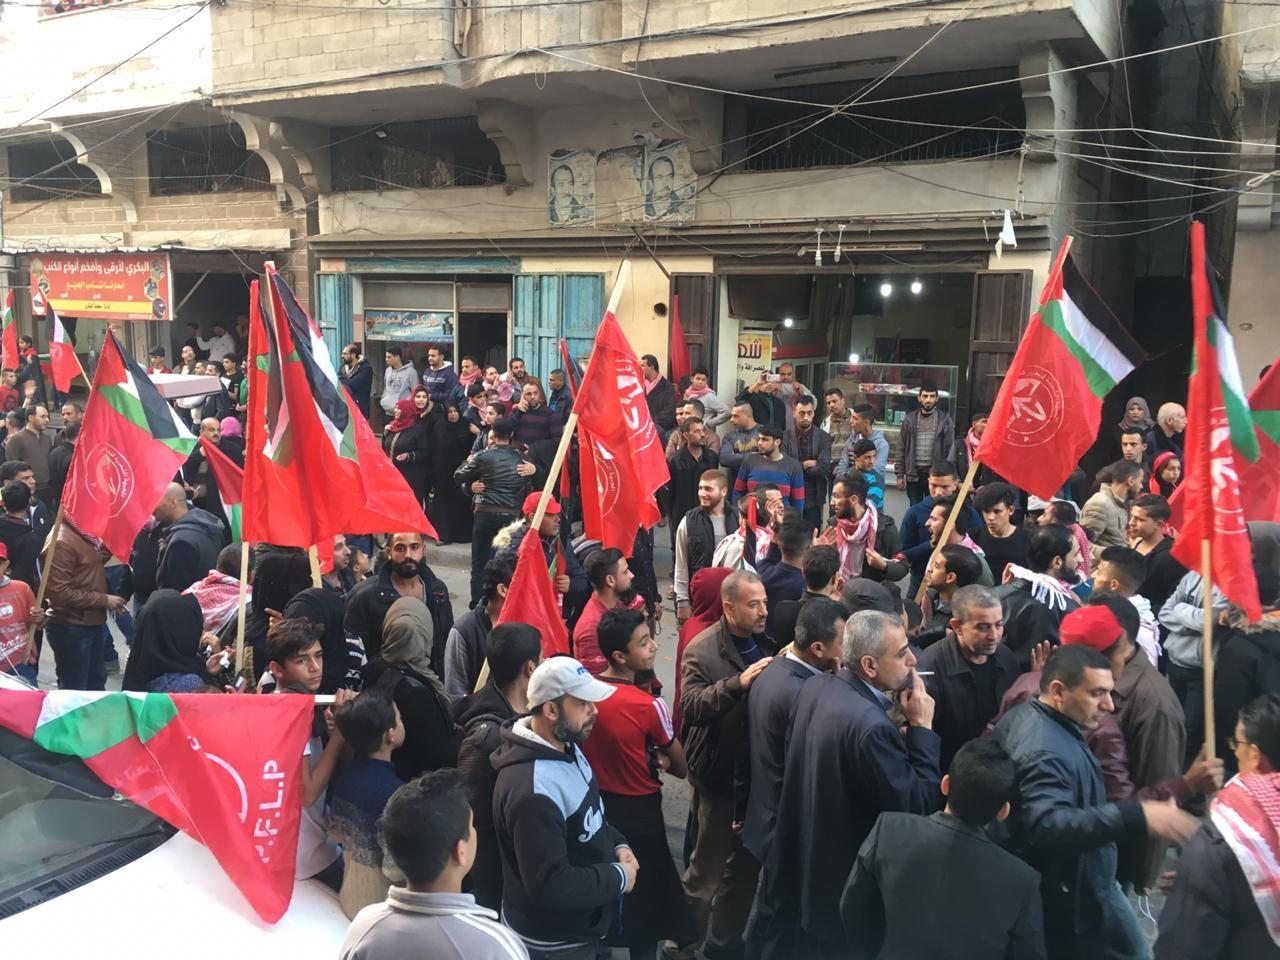 احياء ذكرى اطلاقة الجبهة الشعبية في مدينة غزة  (6).jpg